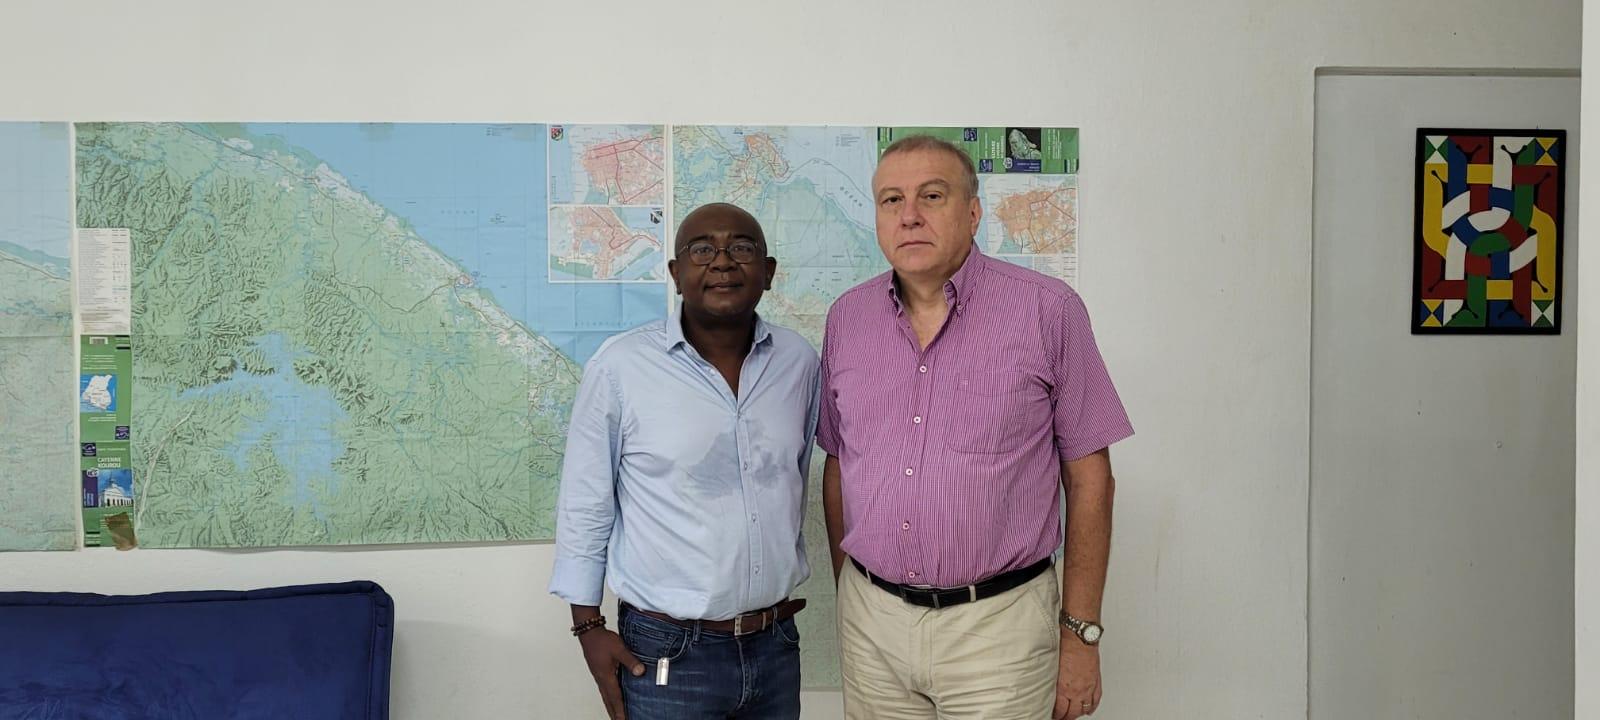 Présentation à Atout France Guyane de la stratégie pour faire de la Destination Guyane une escale internationale unique, une étape incontournable entre mer et fleuve de la Terre d'Amazonie de France et d'Europe au cœur de la Grande Caraïbe et des Amériques